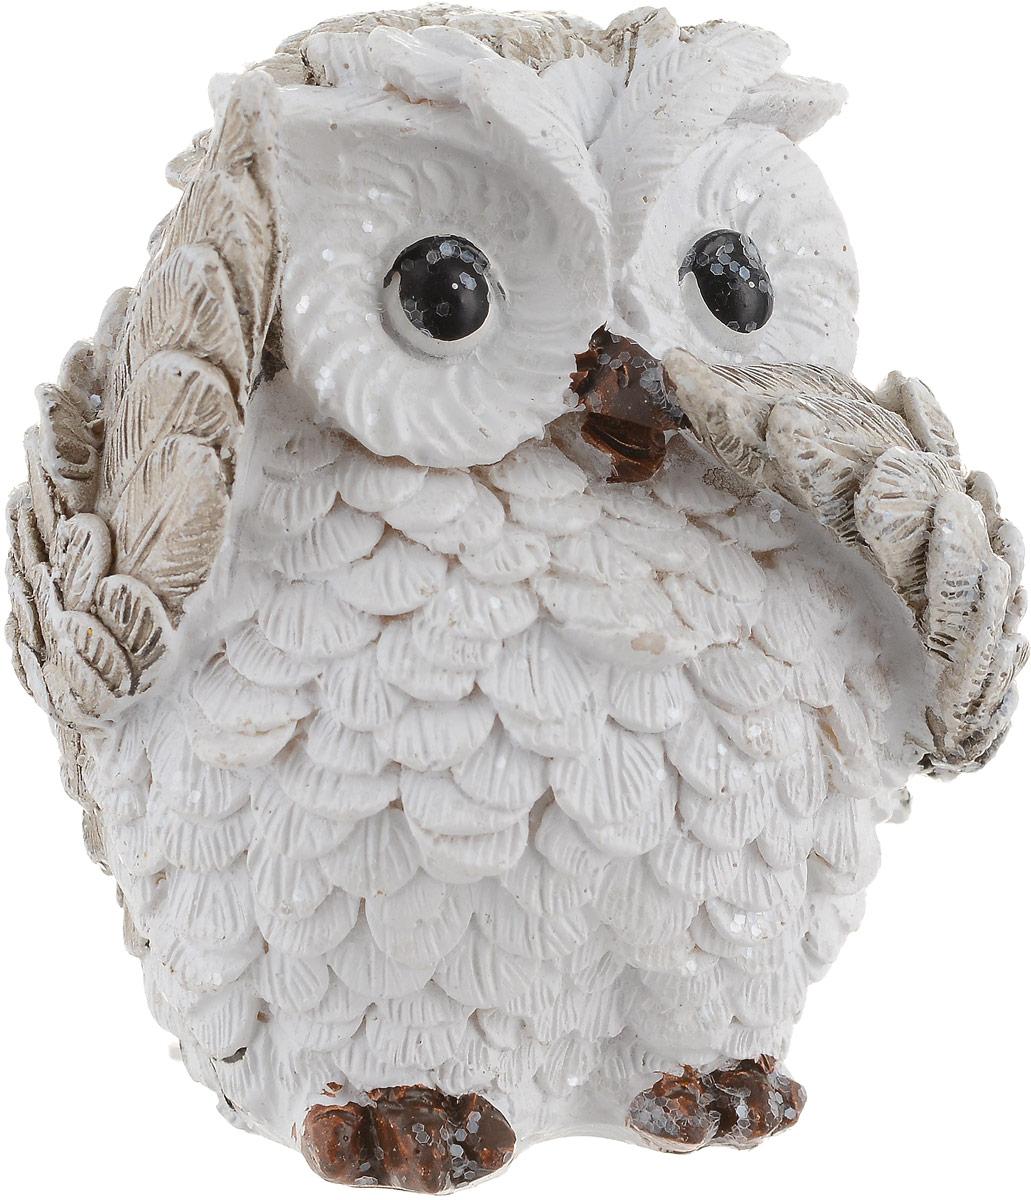 Фигурка декоративная Феникс-Презент Милая сова, высота 6,5 см. 75655 цена